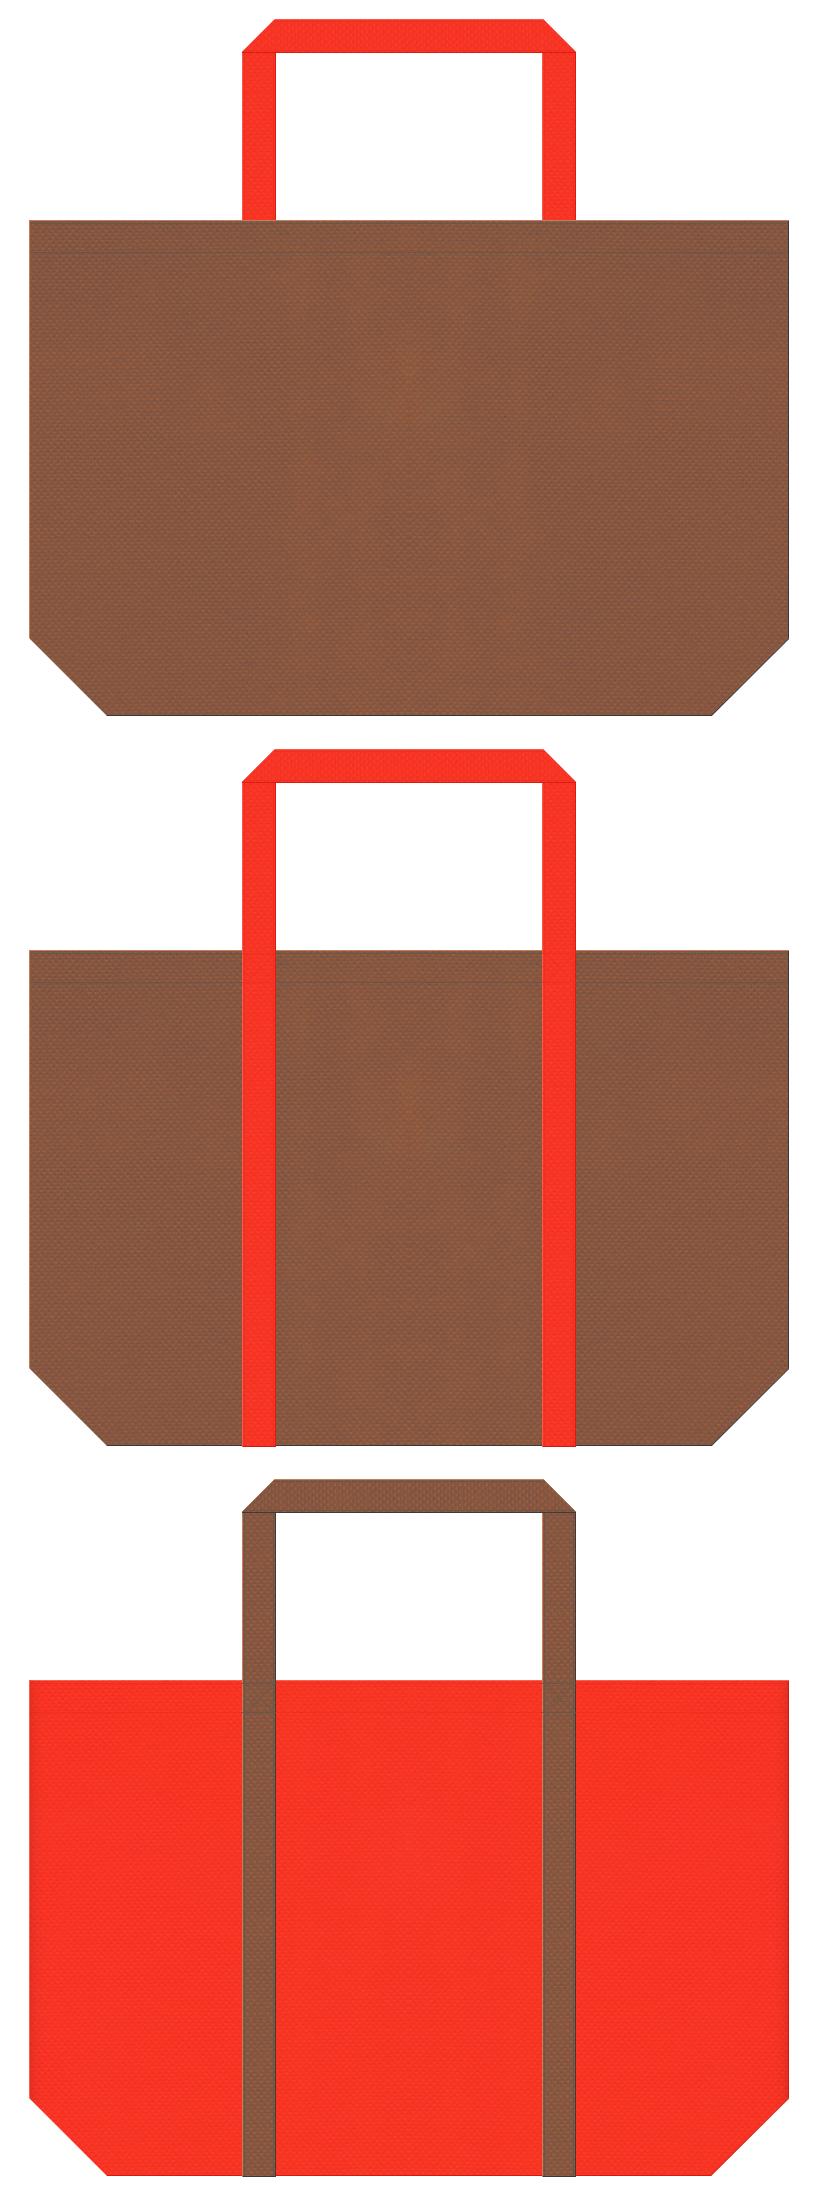 紅茶・レシピ・お料理教室・ランチバッグ・お菓子・ハロウィンのショッピングバッグにお奨めの不織布バッグデザイン:茶色とオレンジ色のコーデ